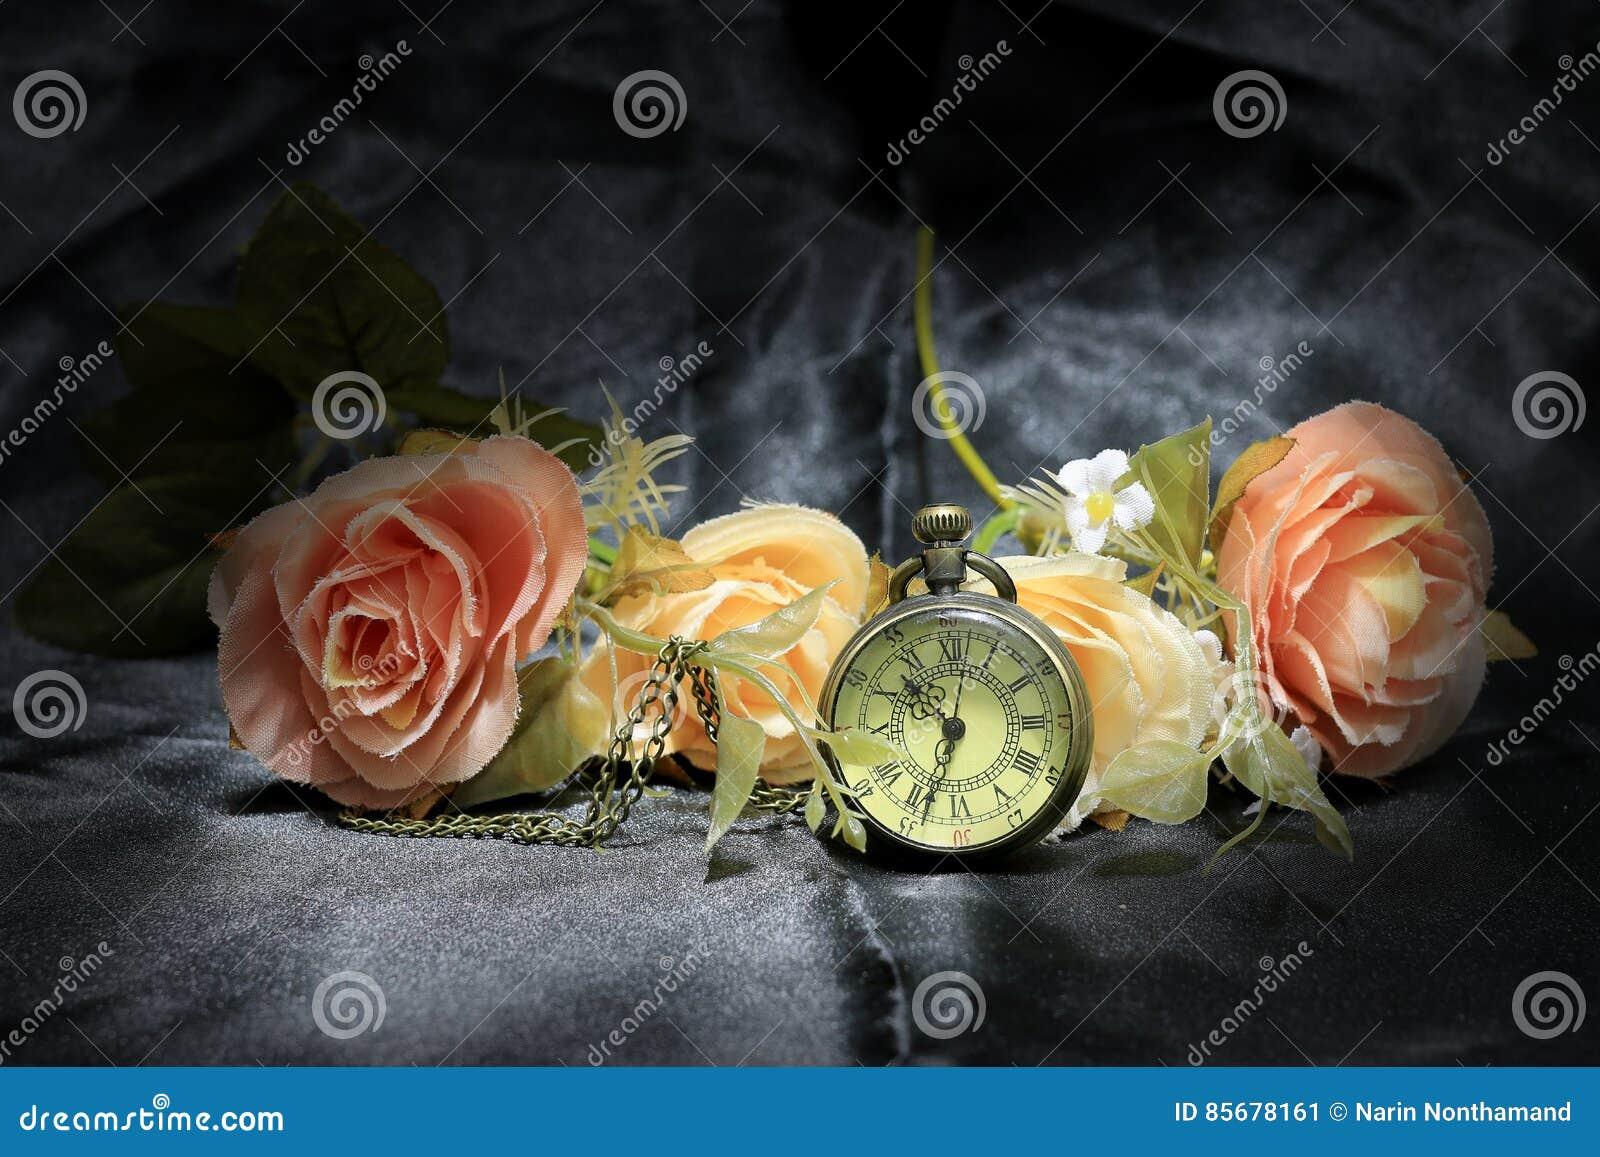 Винтажные карманные часы с розовым цветком на черной предпосылке ткани Влюбленность концепции времени Стиль натюрморта